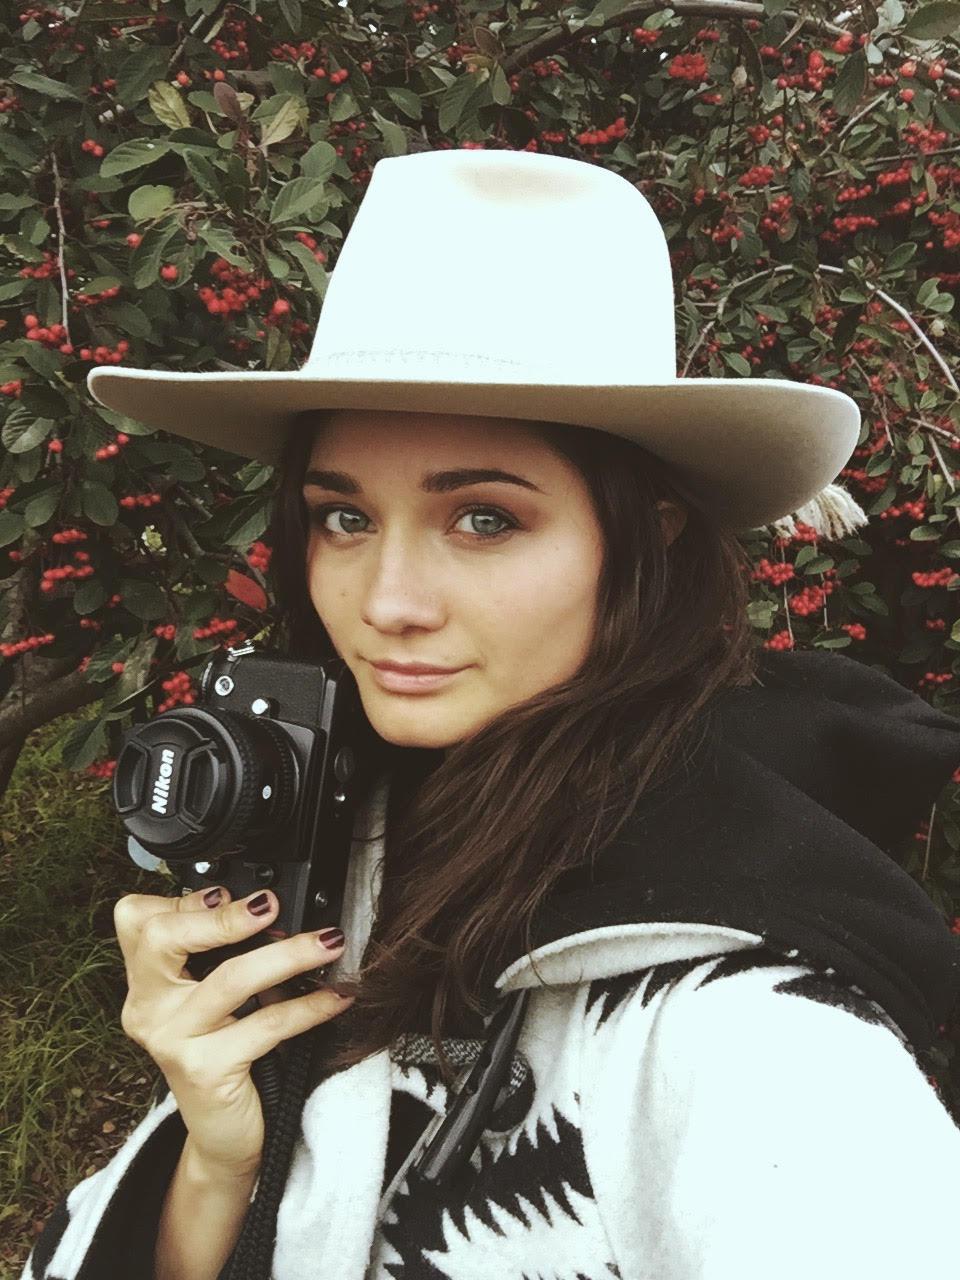 MEG HAYWOOD-SULLIVAN - PHOTOGRAPHER